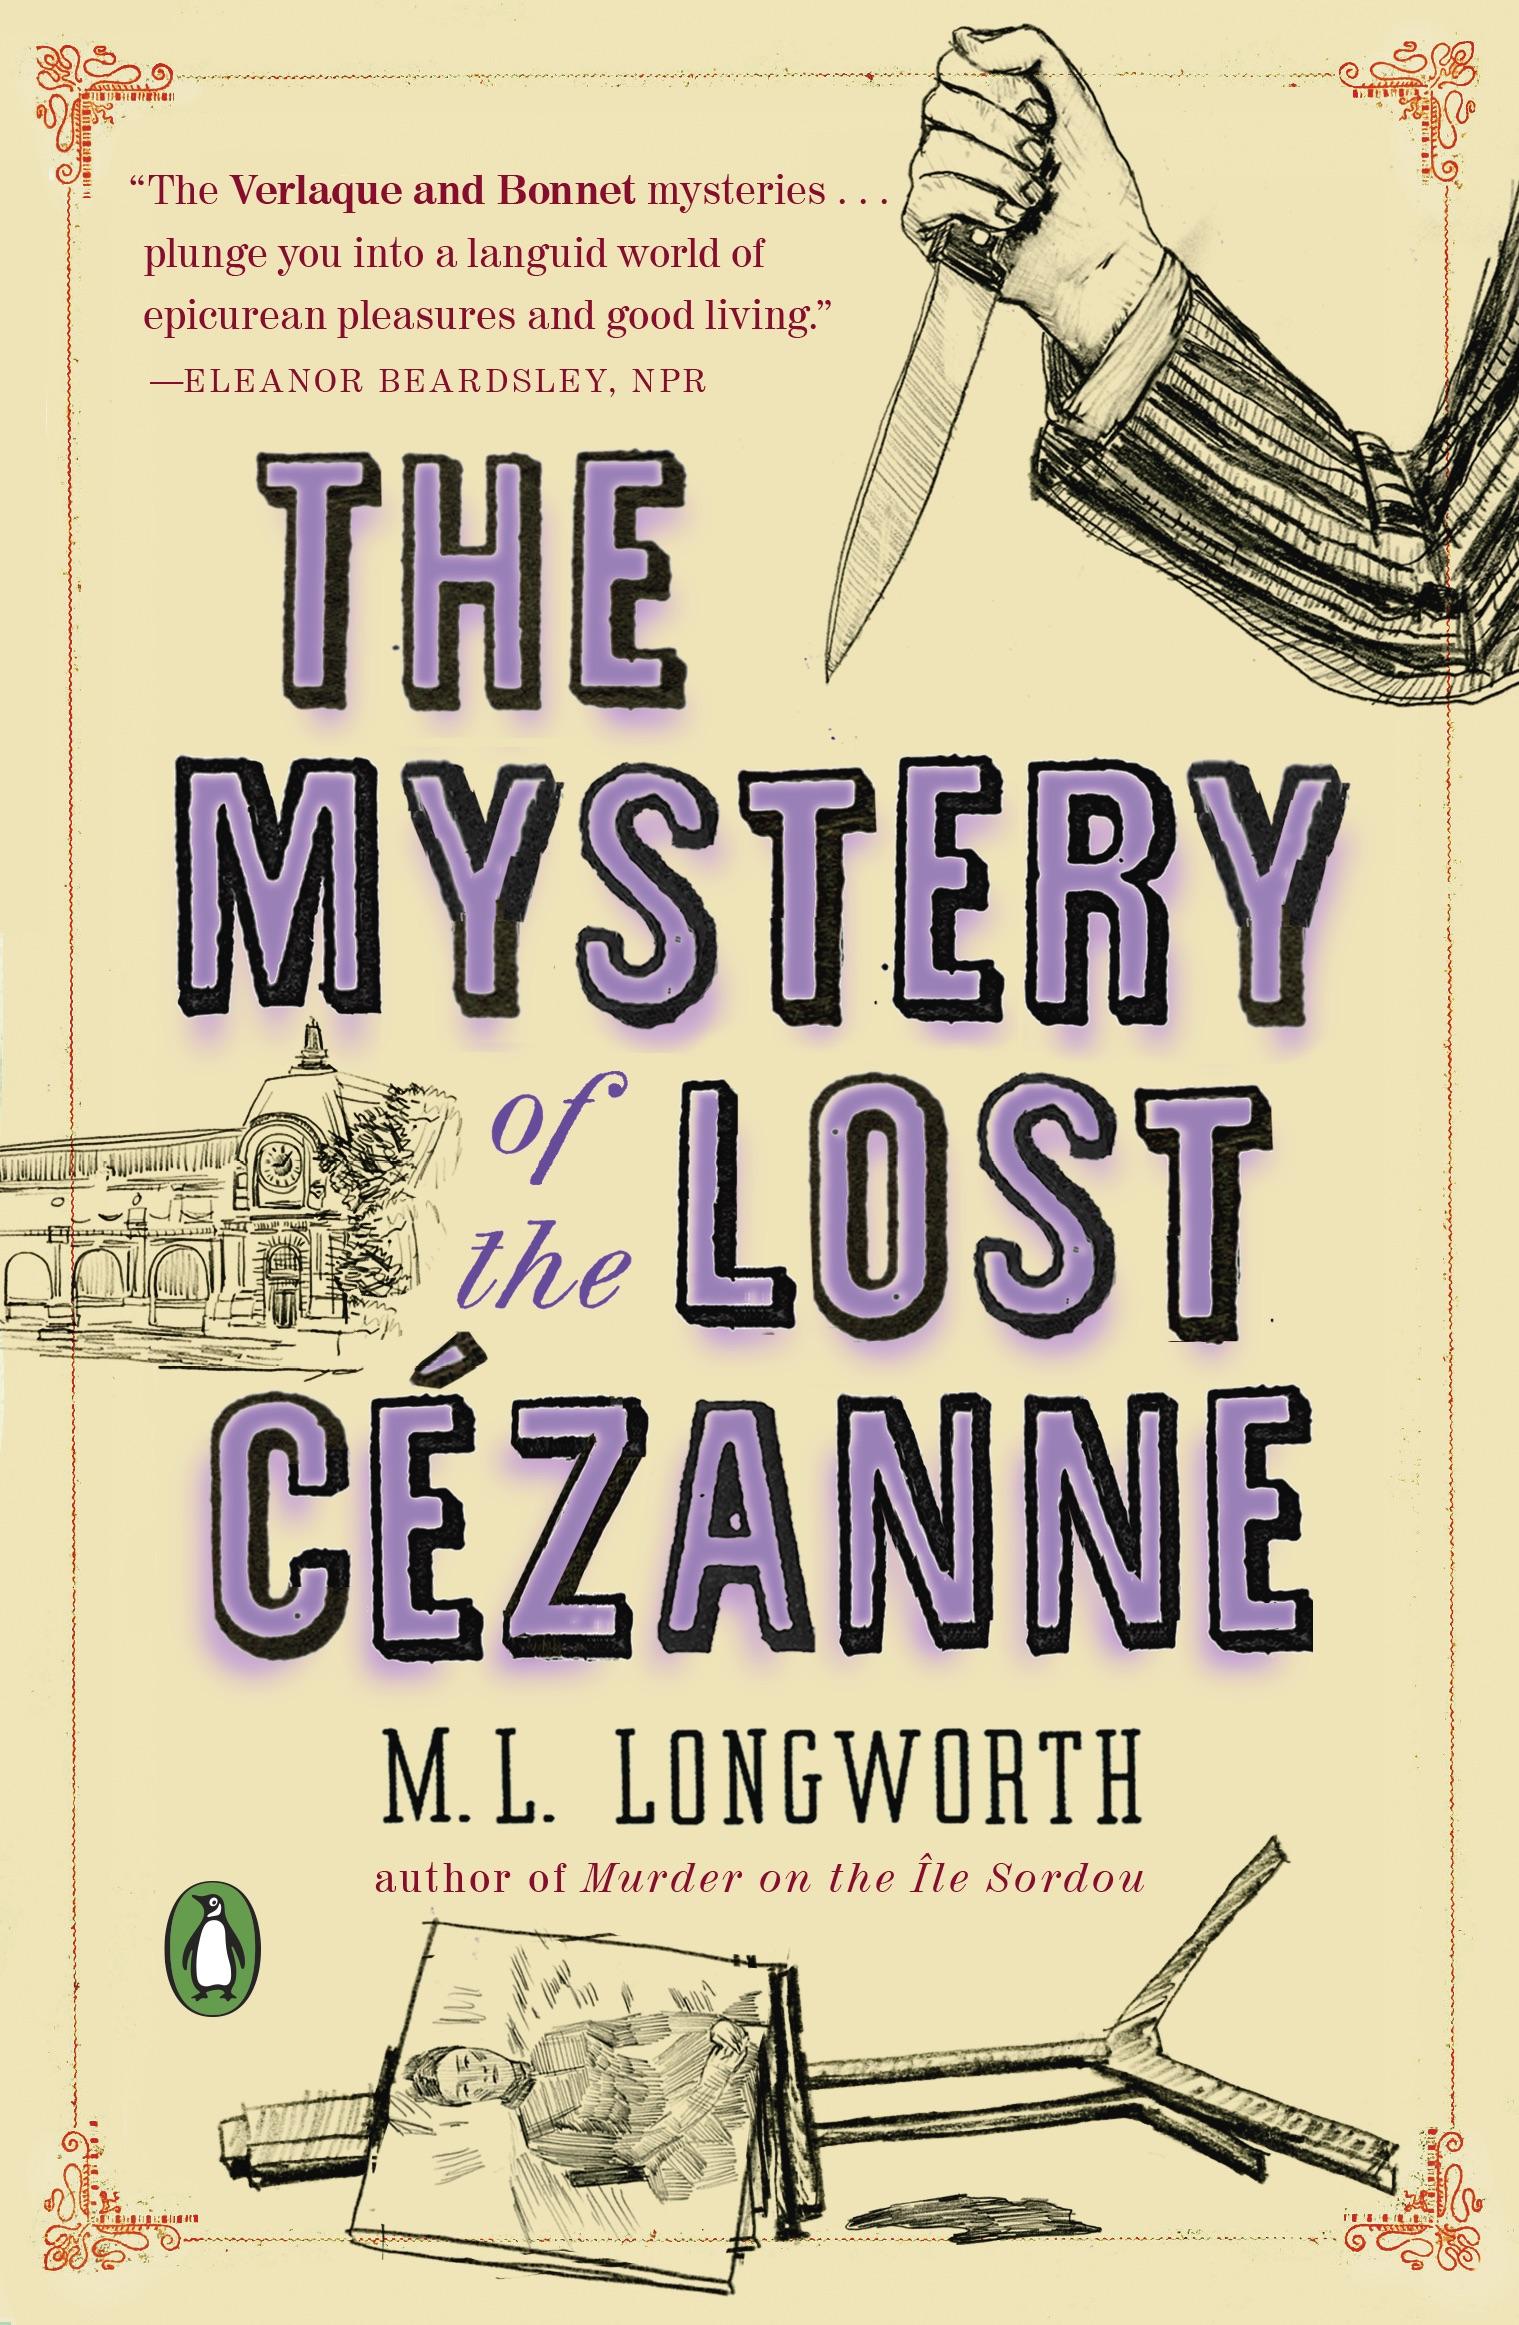 Lost Cezanne.jpg